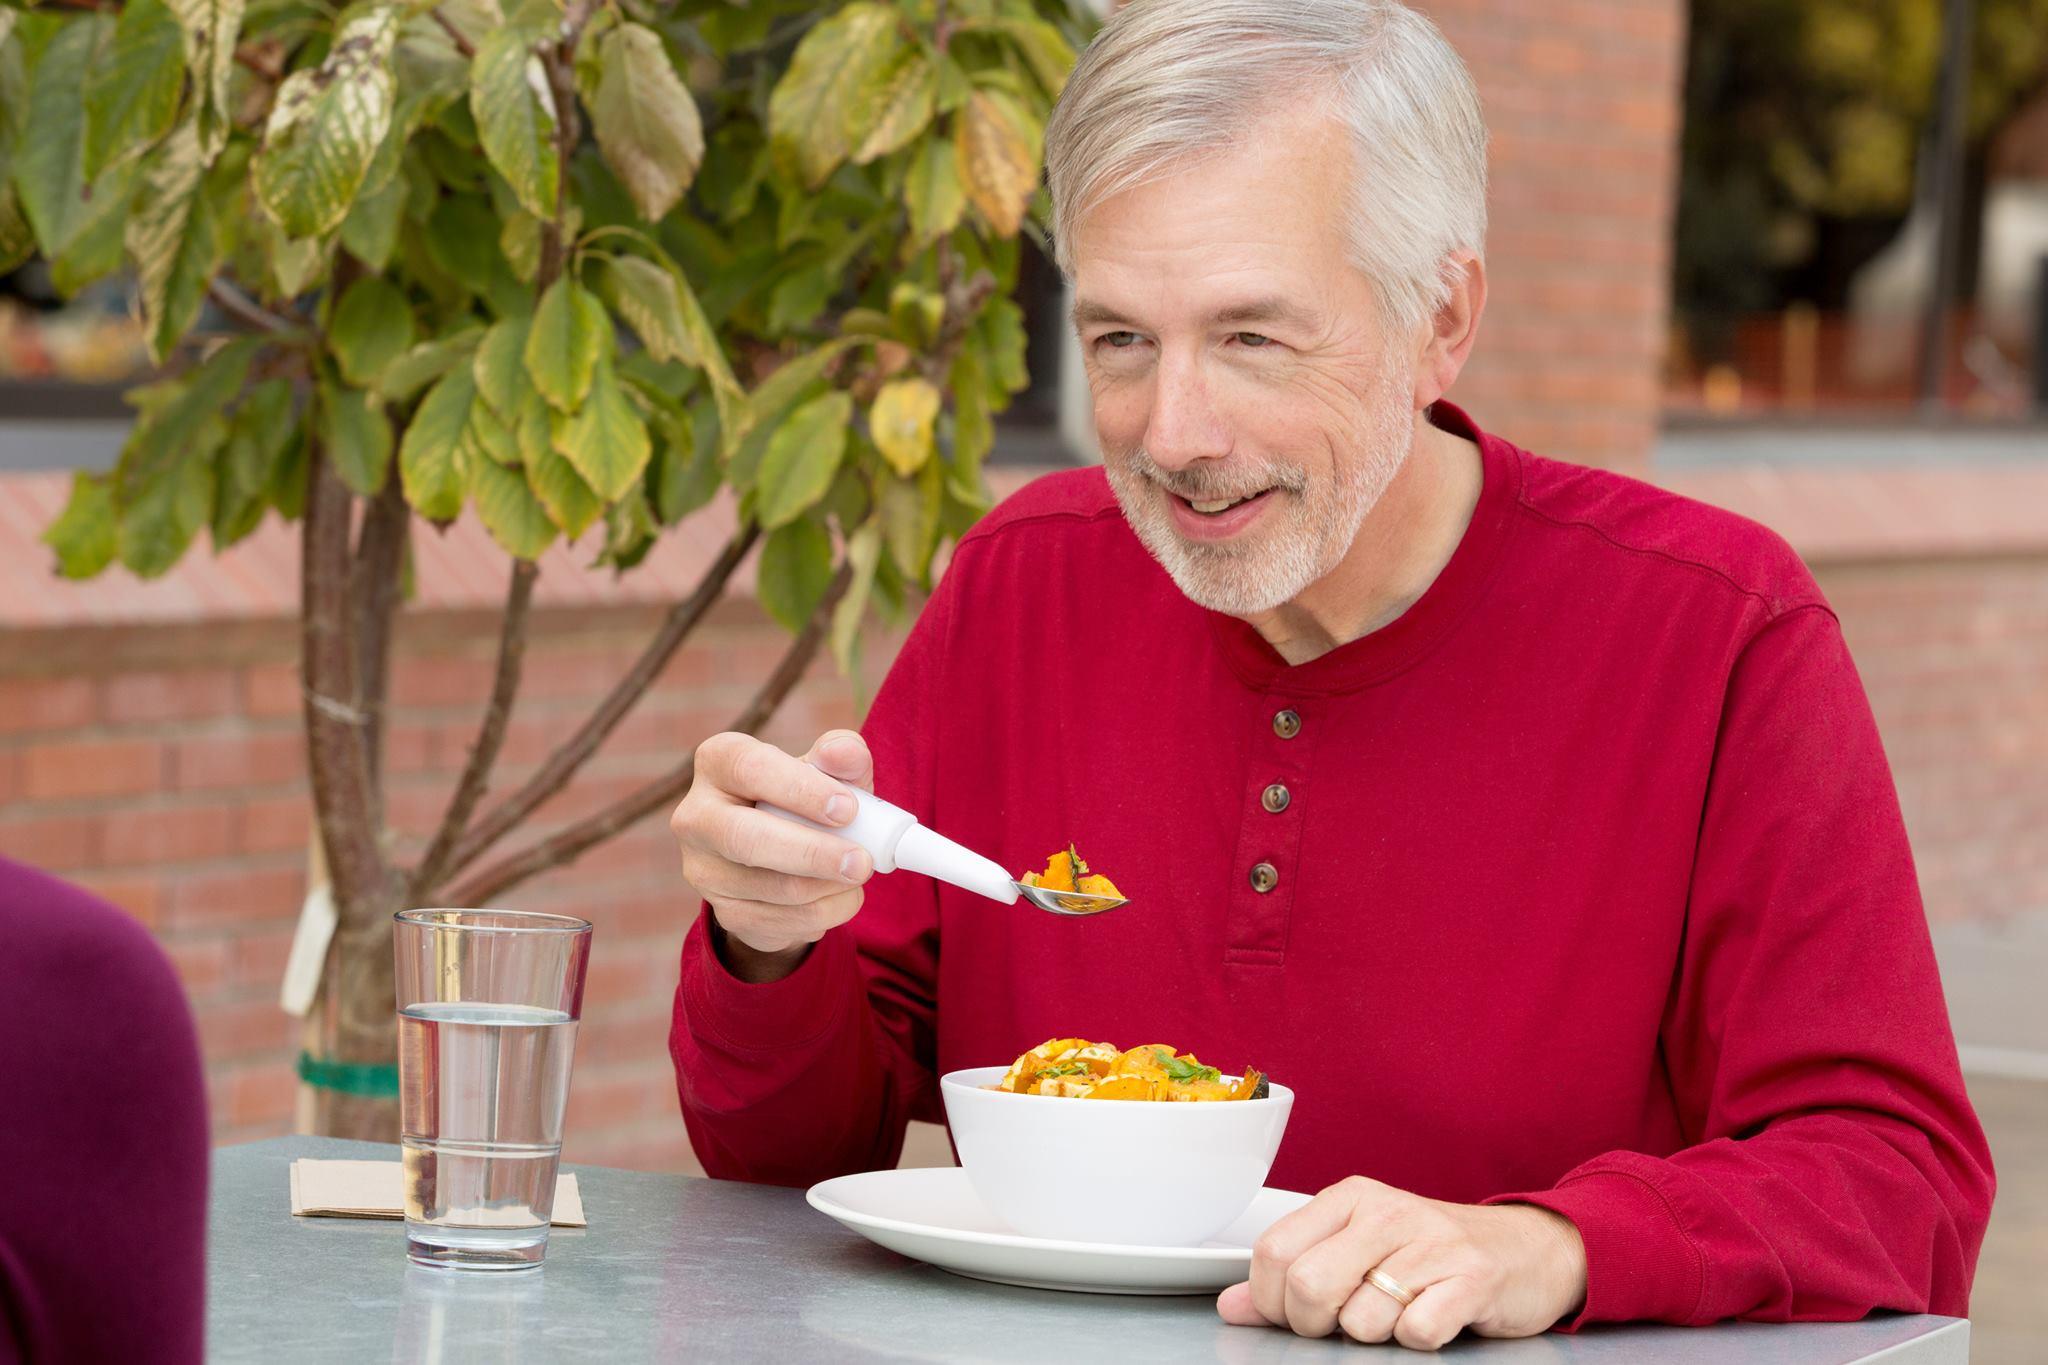 Elindeki kaşıkla önündeki kaseden çorba içmeye çalışan yaşlı bir engelli